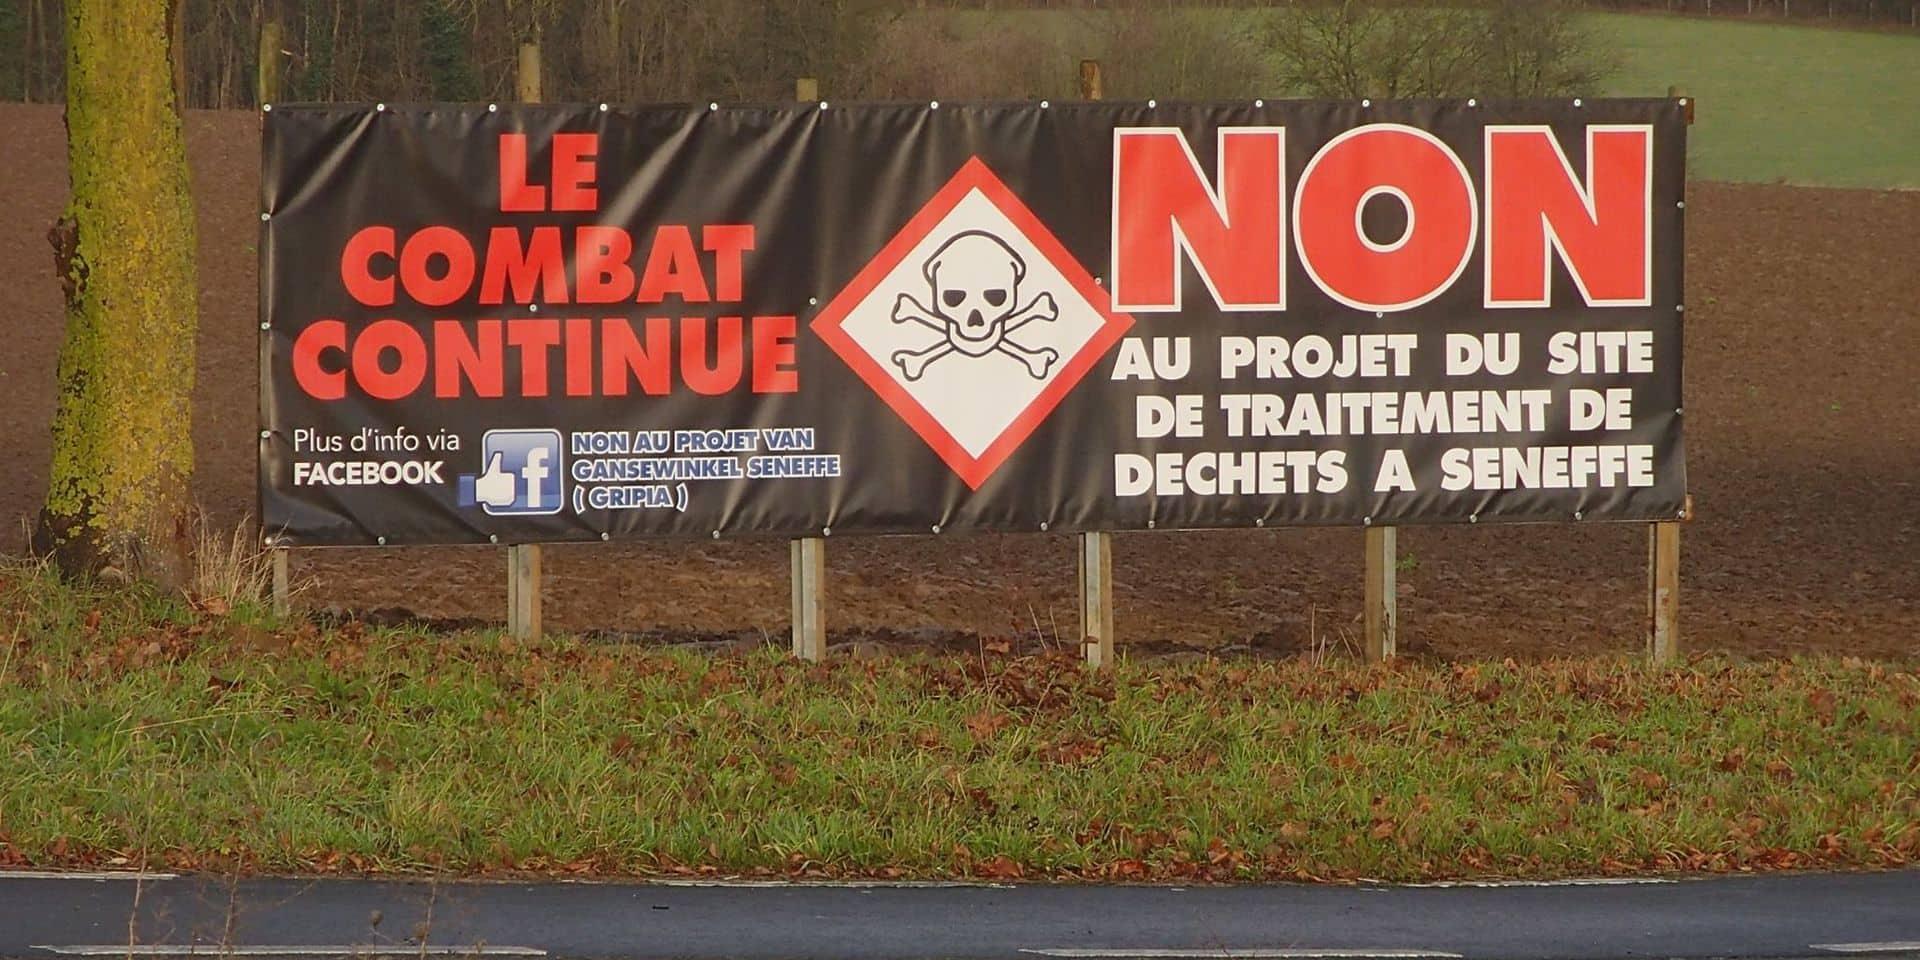 Projet Van Gansewinkel à Seneffe : 3 ans après, le Conseil d'Etat a enfin tranché !